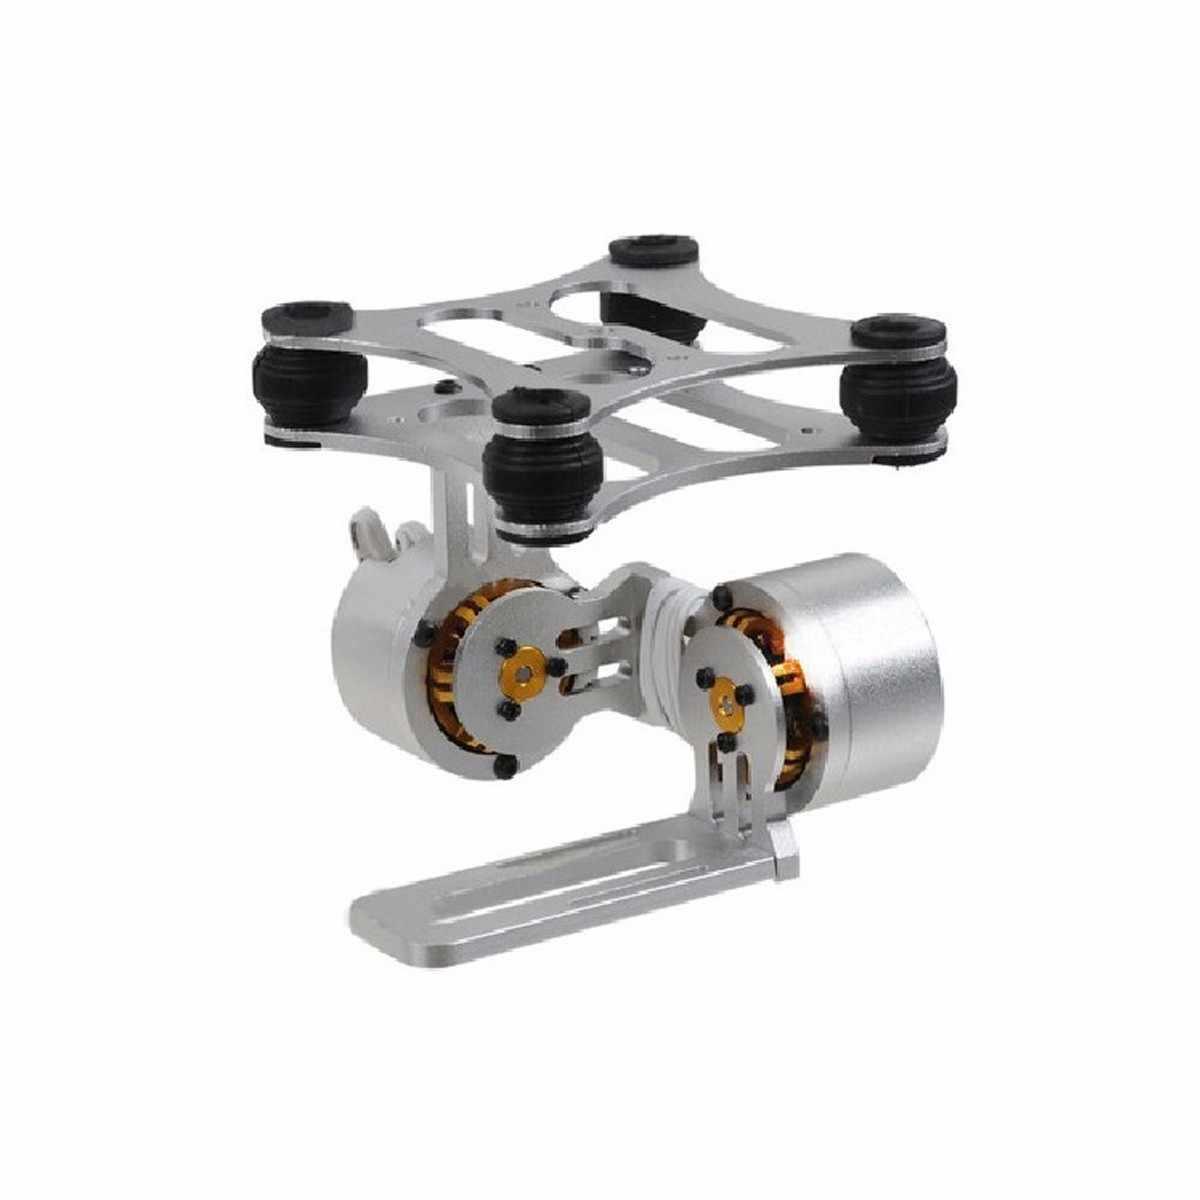 2-алюминиевая ось бесщеточная камера Монтажный комплект NEX ILDC Camera stabilizer для Gopro2 3 для DJI Phantom Сделай сам Установка Запчасти аэрофотосъемки Применение